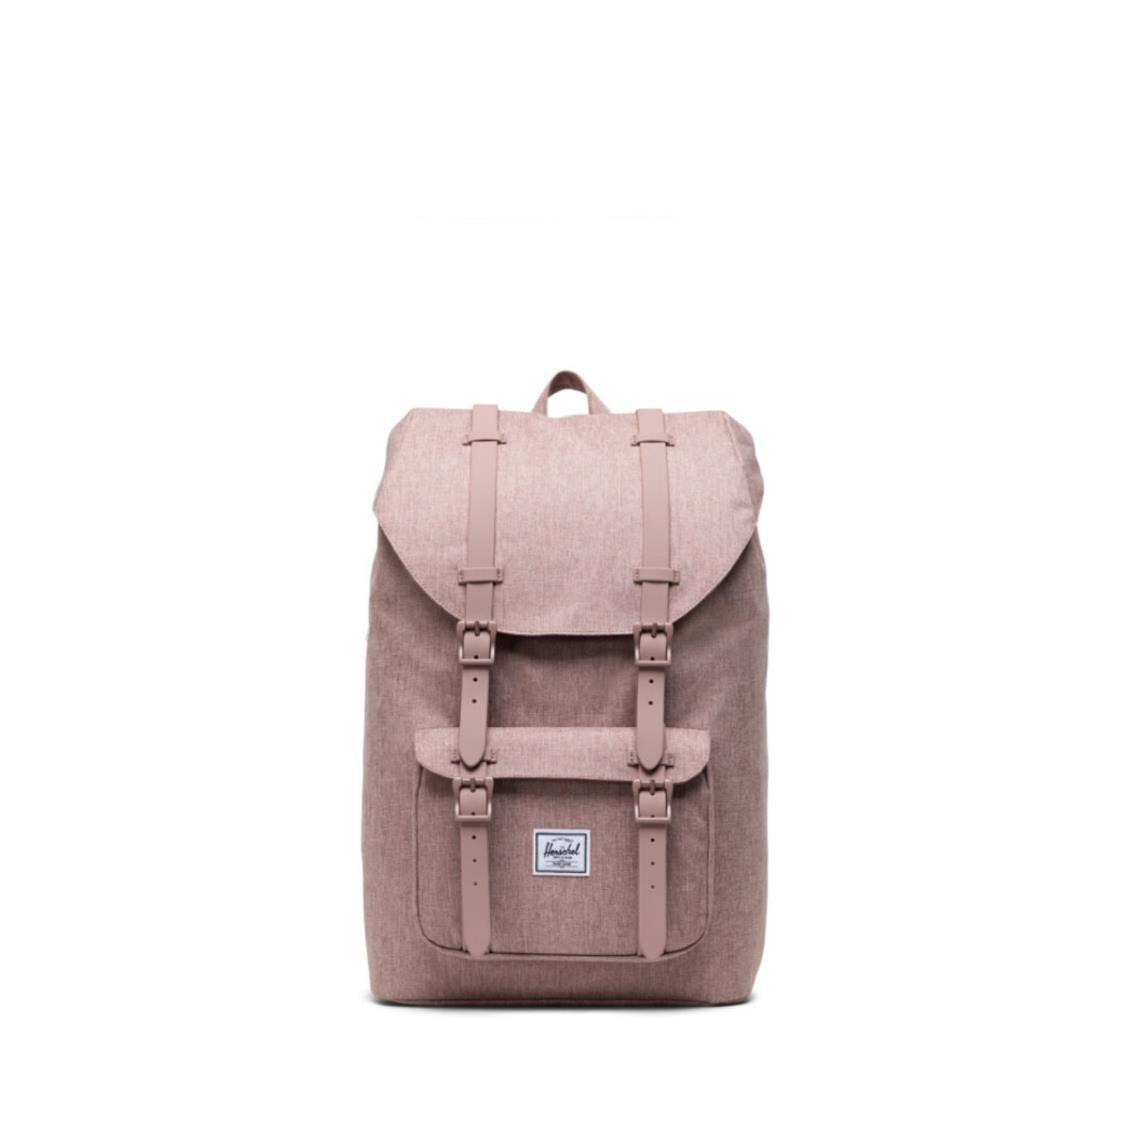 Herschel Little America Mid-Volume Ash Rose Crosshatch Backpack 10020-04885-OS